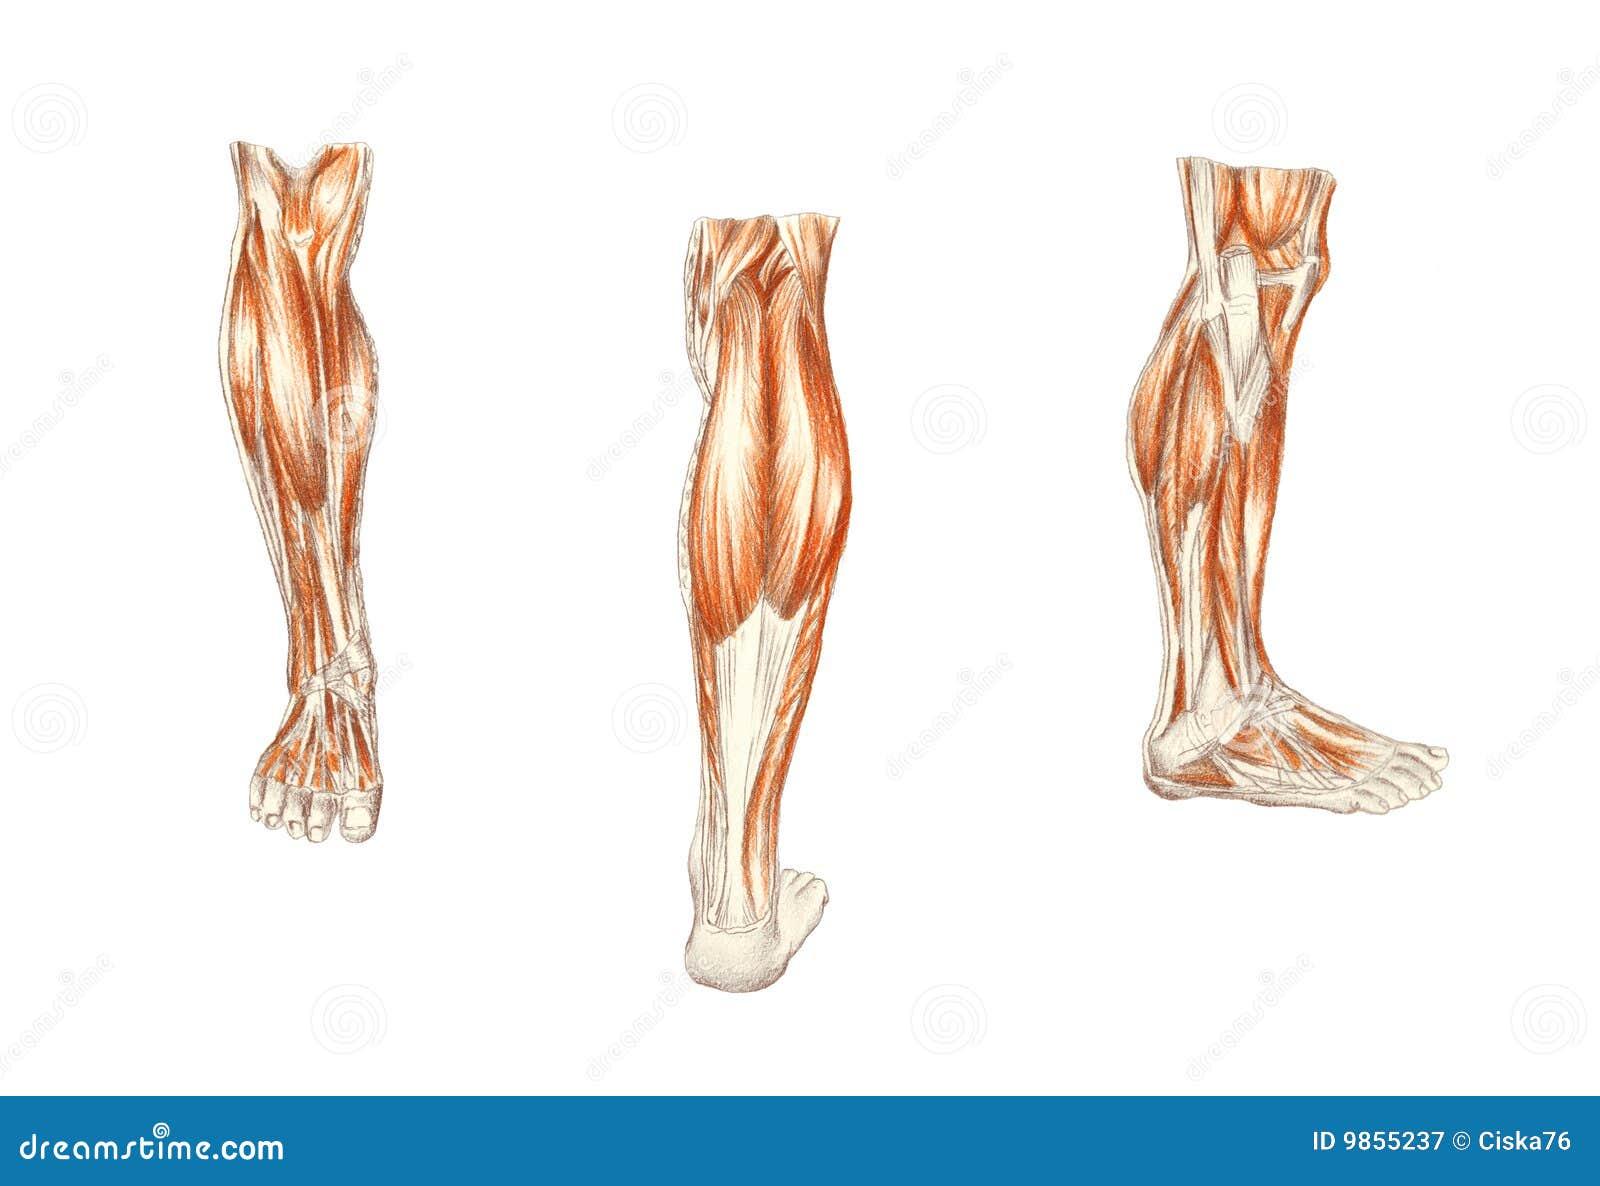 Asombroso Anatomía Muscular Felino Inspiración - Imágenes de ...